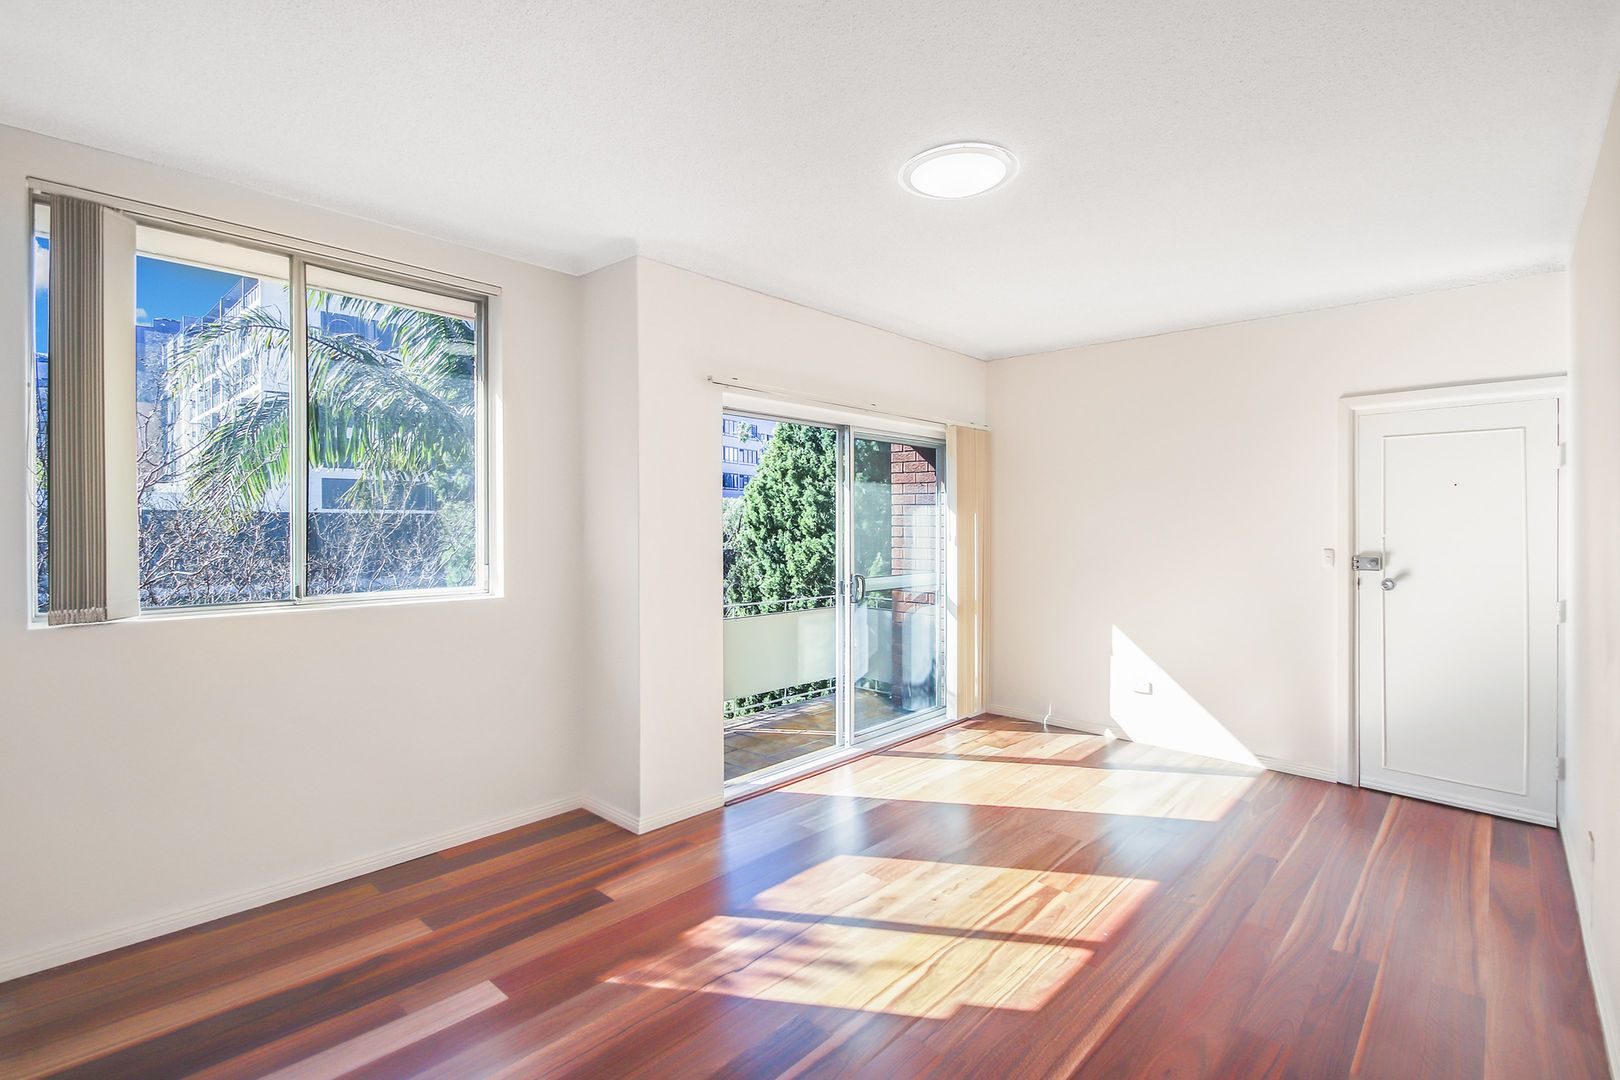 9/19 Meriton Street, Gladesville NSW 2111 - Apartment For ...